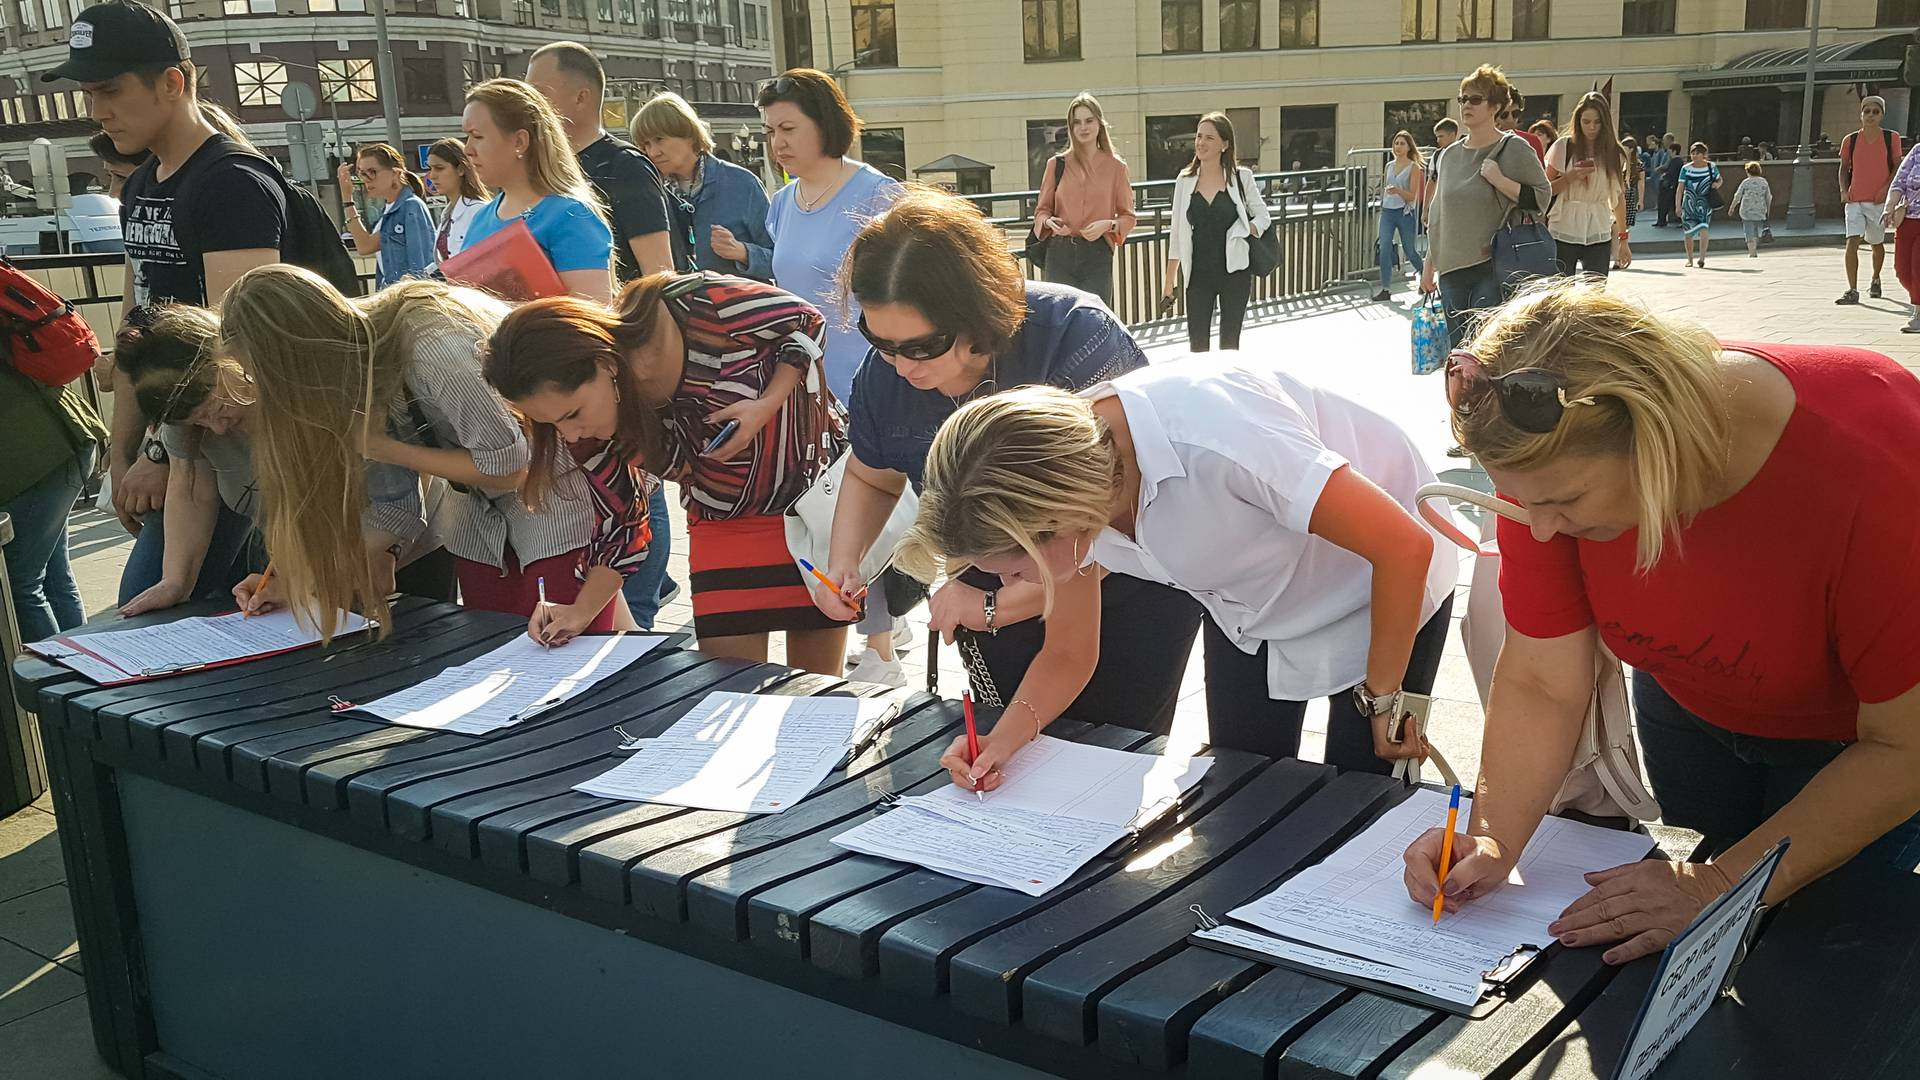 Сбор подписей против пенсионной реформы в Москве. 7 сентября 2018 г.